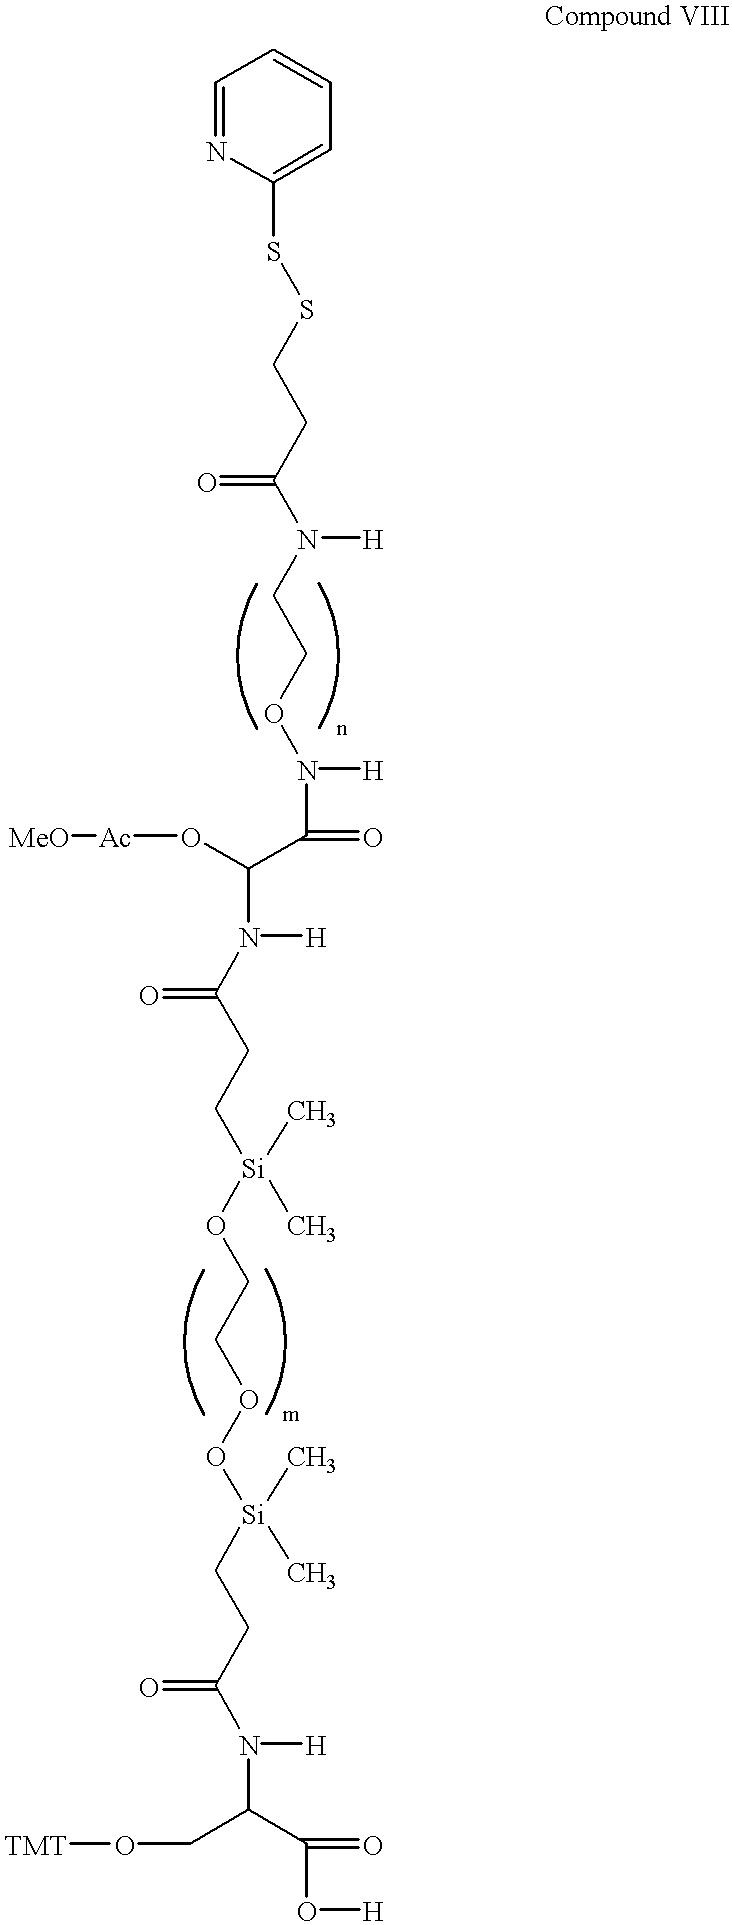 Figure US06312901-20011106-C00008